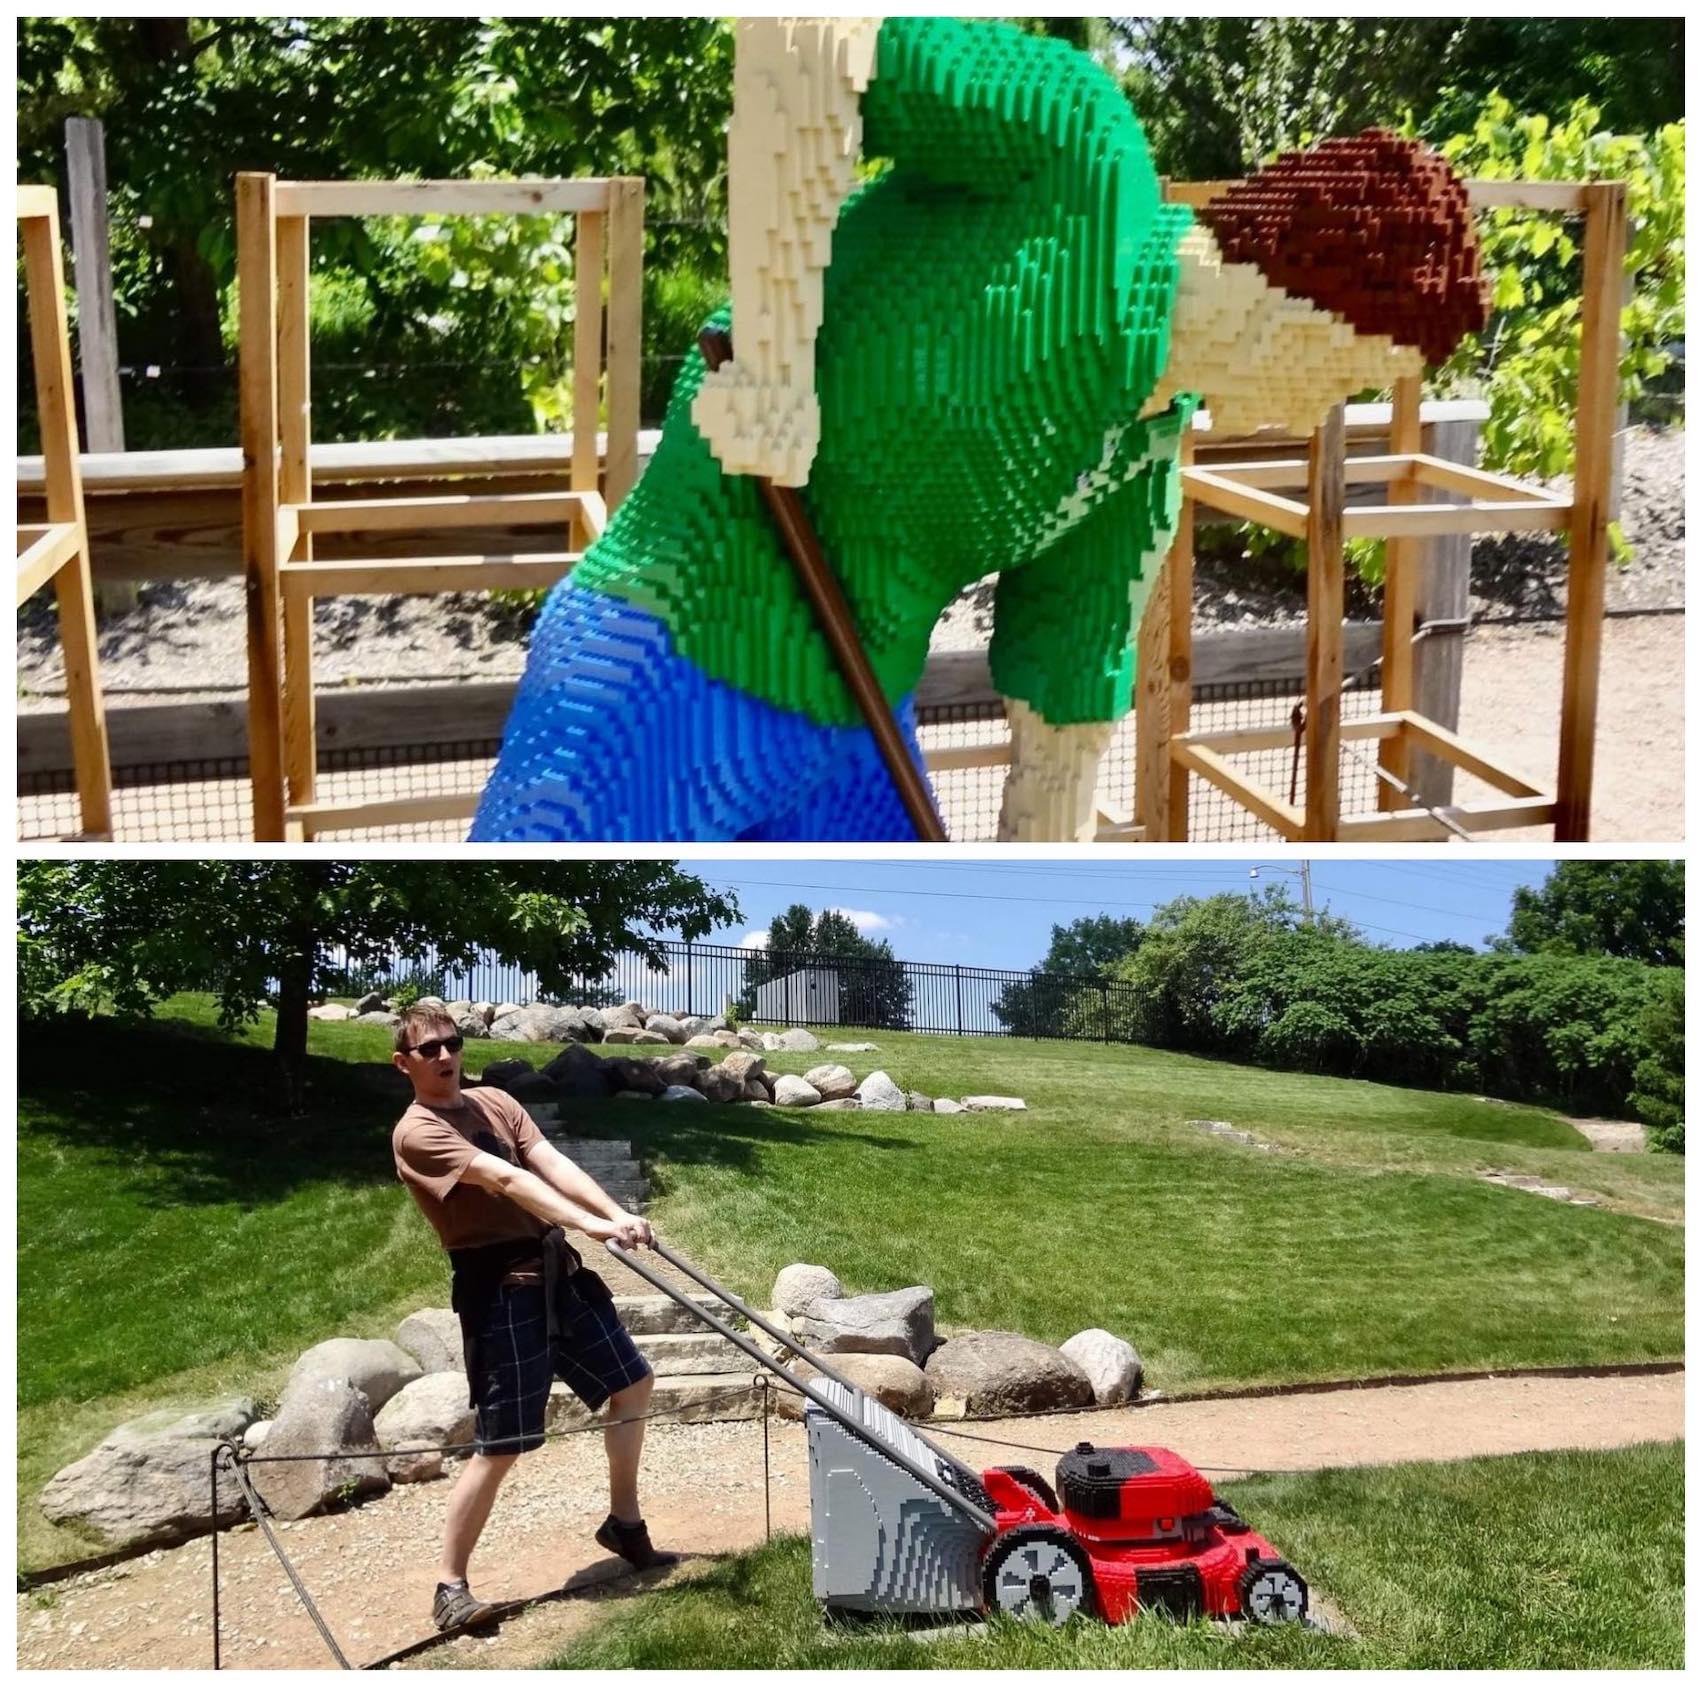 Art with Lego Blocks Reiman Gardens Iowa.